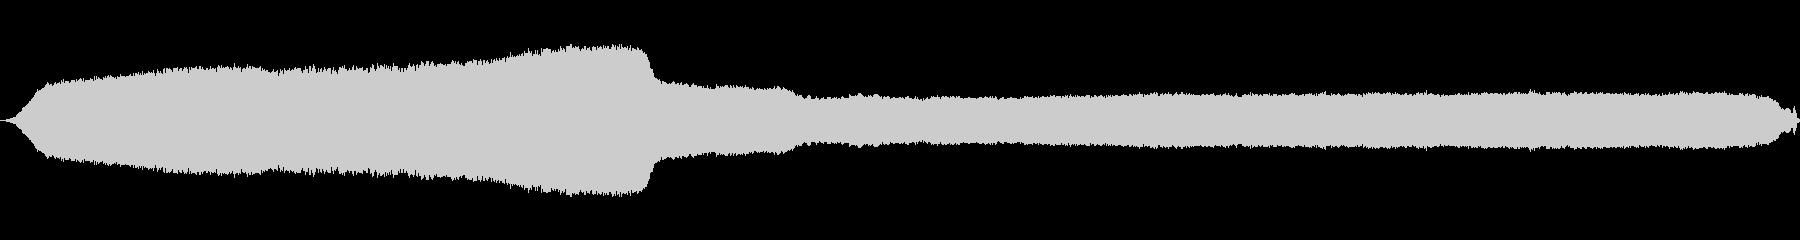 ホイッスルトレイン弱い長い打撃waの未再生の波形